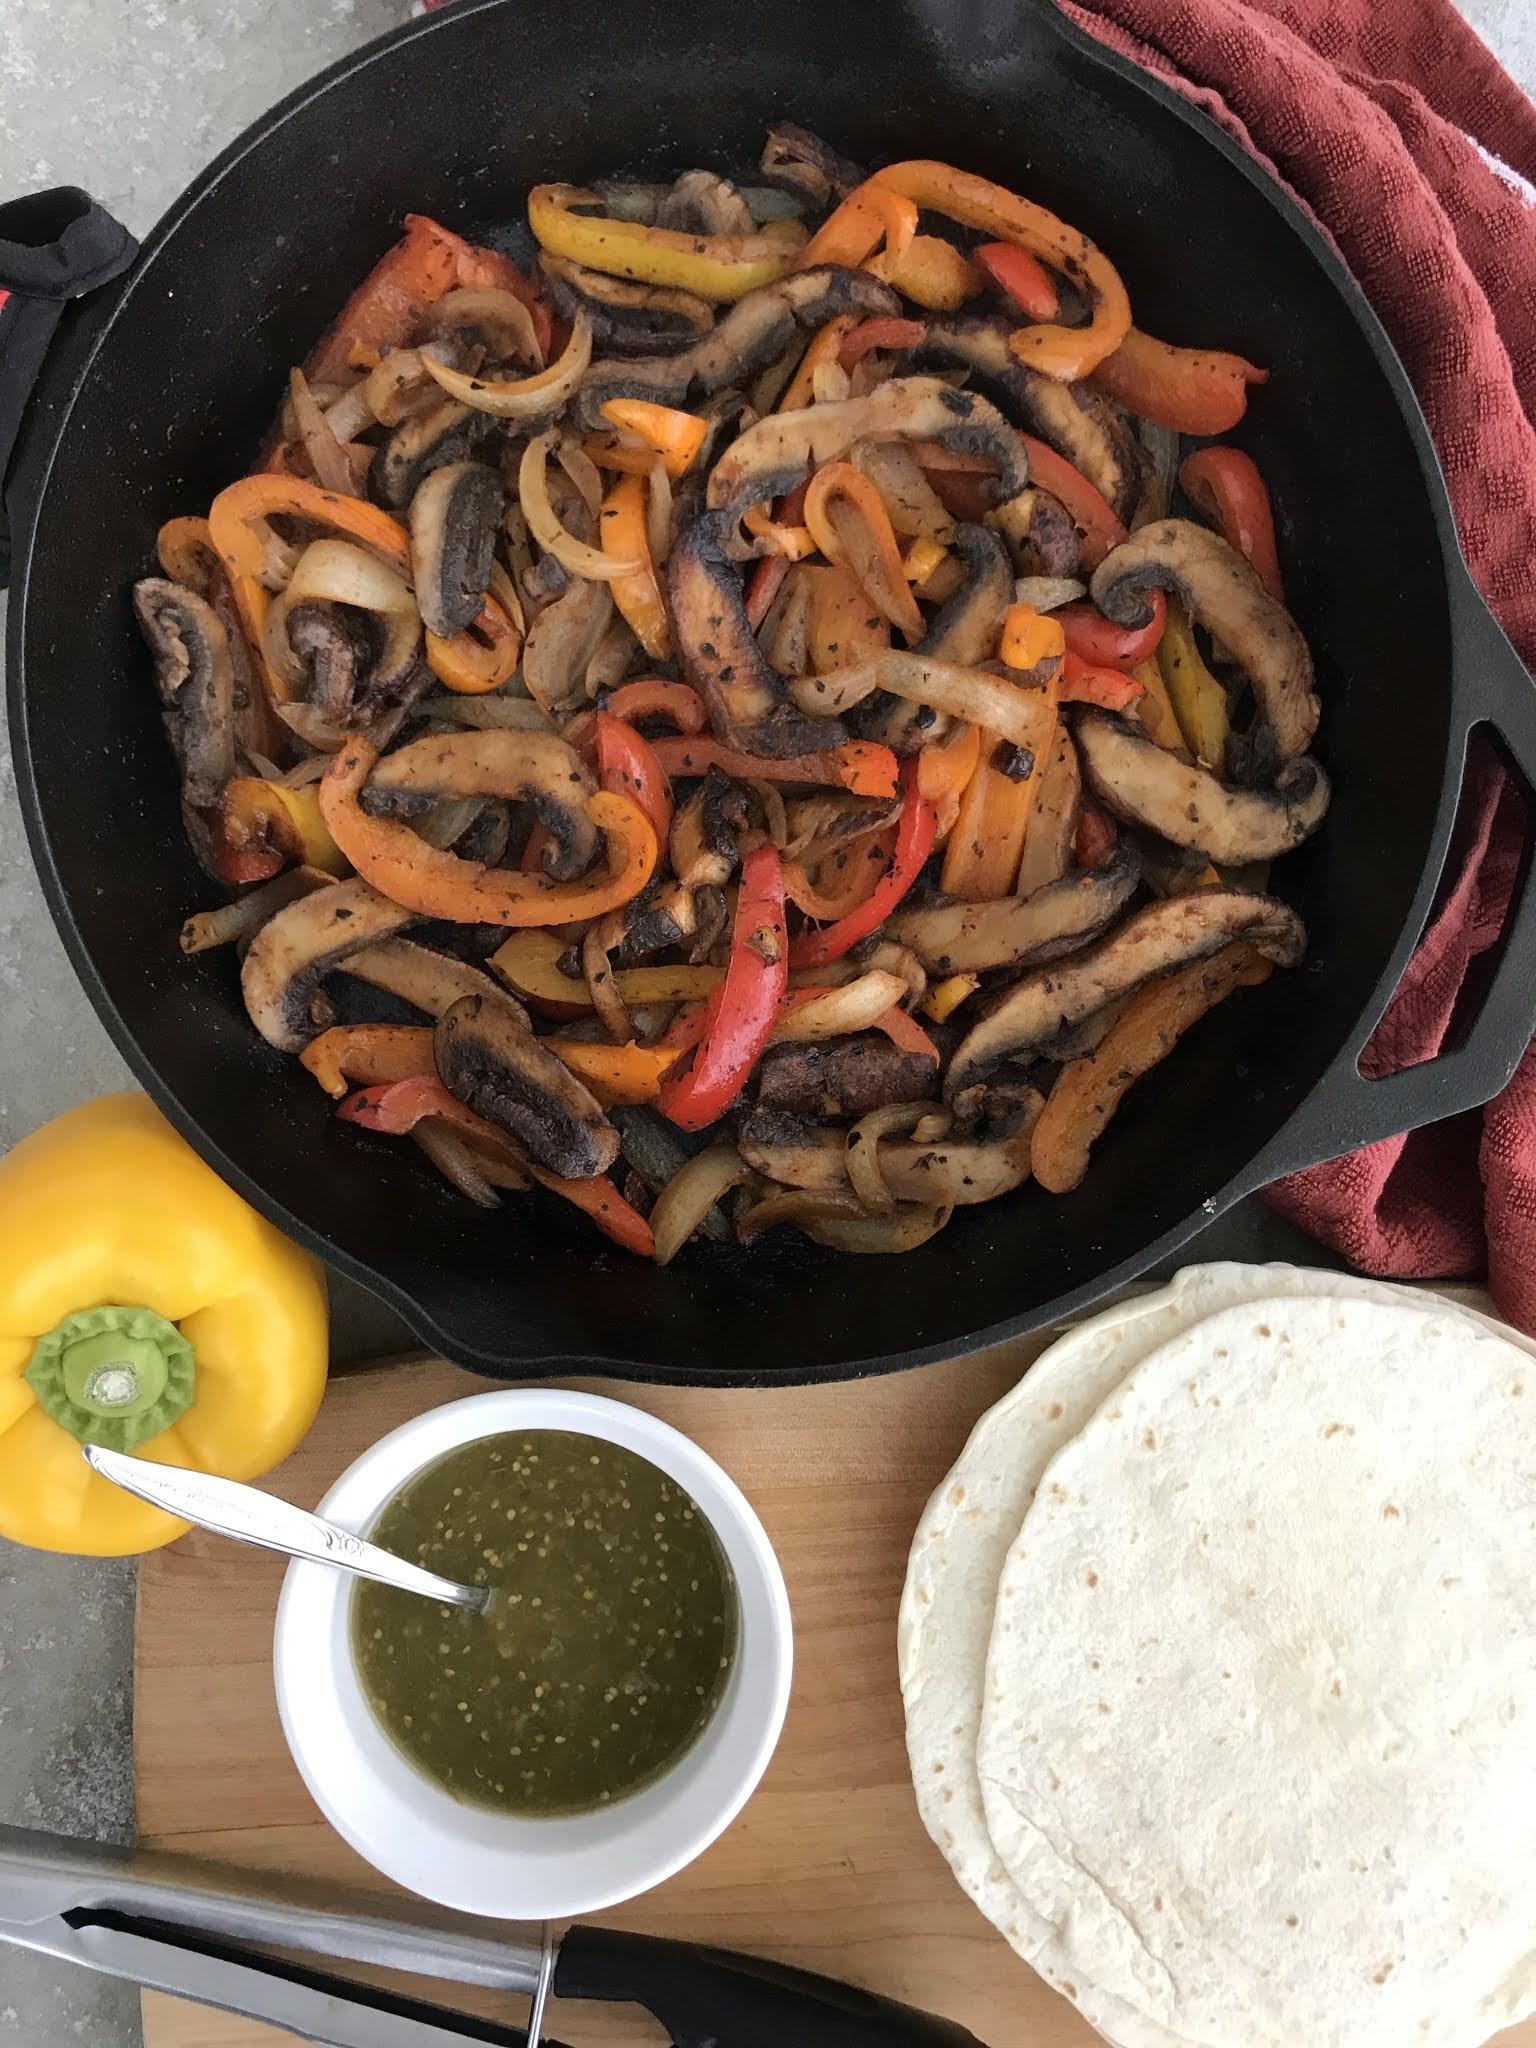 Skillet Portabello Mushroom Fajitas